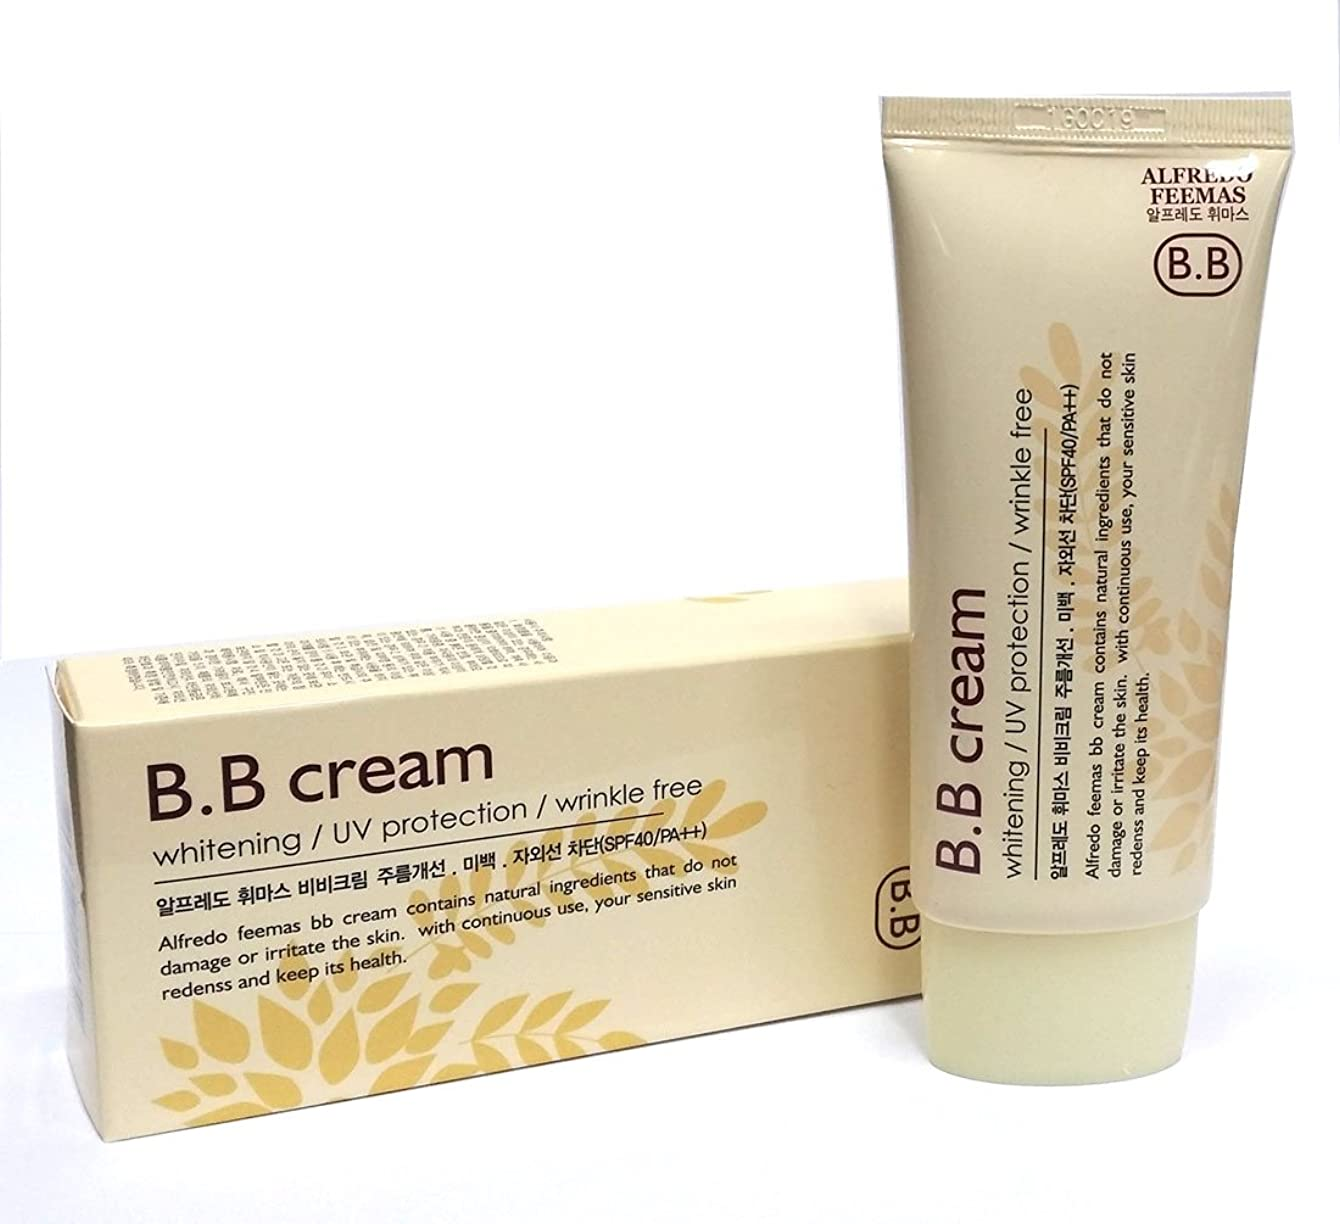 従う必要王室アルフレッドフェイマスBBクリーム50ml X 1ea / Alfredo feemas BB cream 50ml X 1ea / ホワイトニング、しわ、UVプロテクション(SPF40 PA ++)/ Whitening,Wrinkle free,UV protection (SPF40 PA++) / 韓国化粧品 / Korean Cosmetics [並行輸入品]